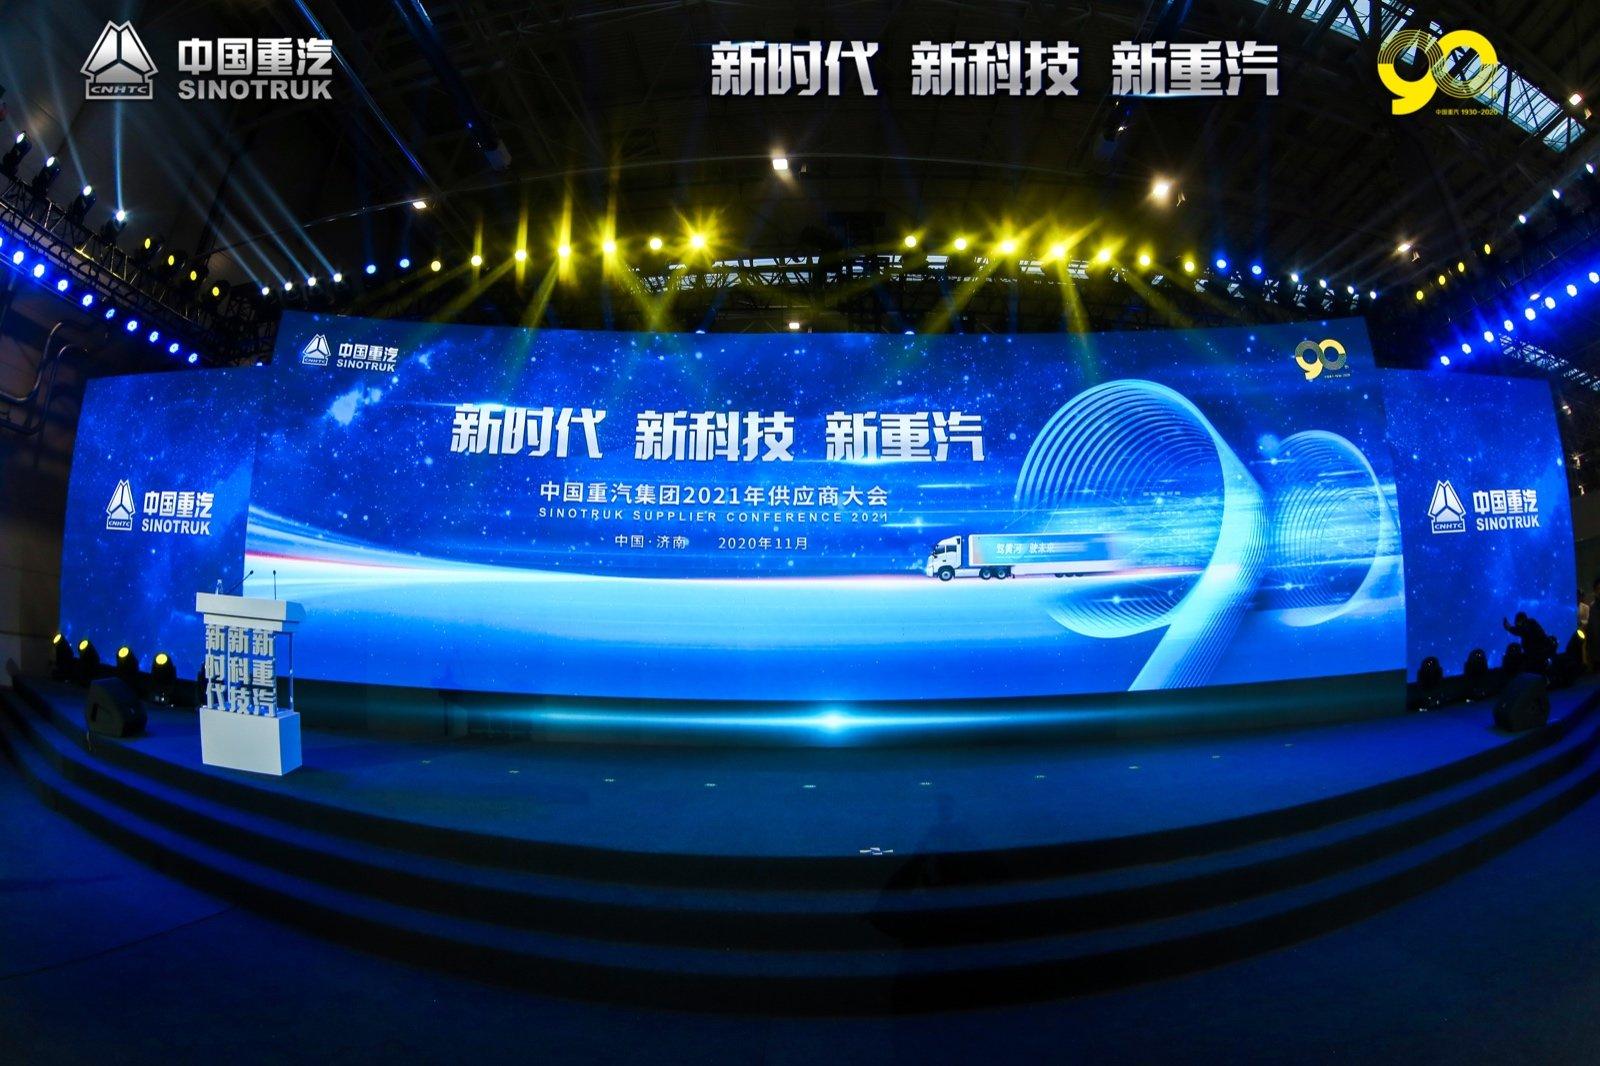 新时代 新科技 新重汽——中国重汽集团2021年云商务大会召开